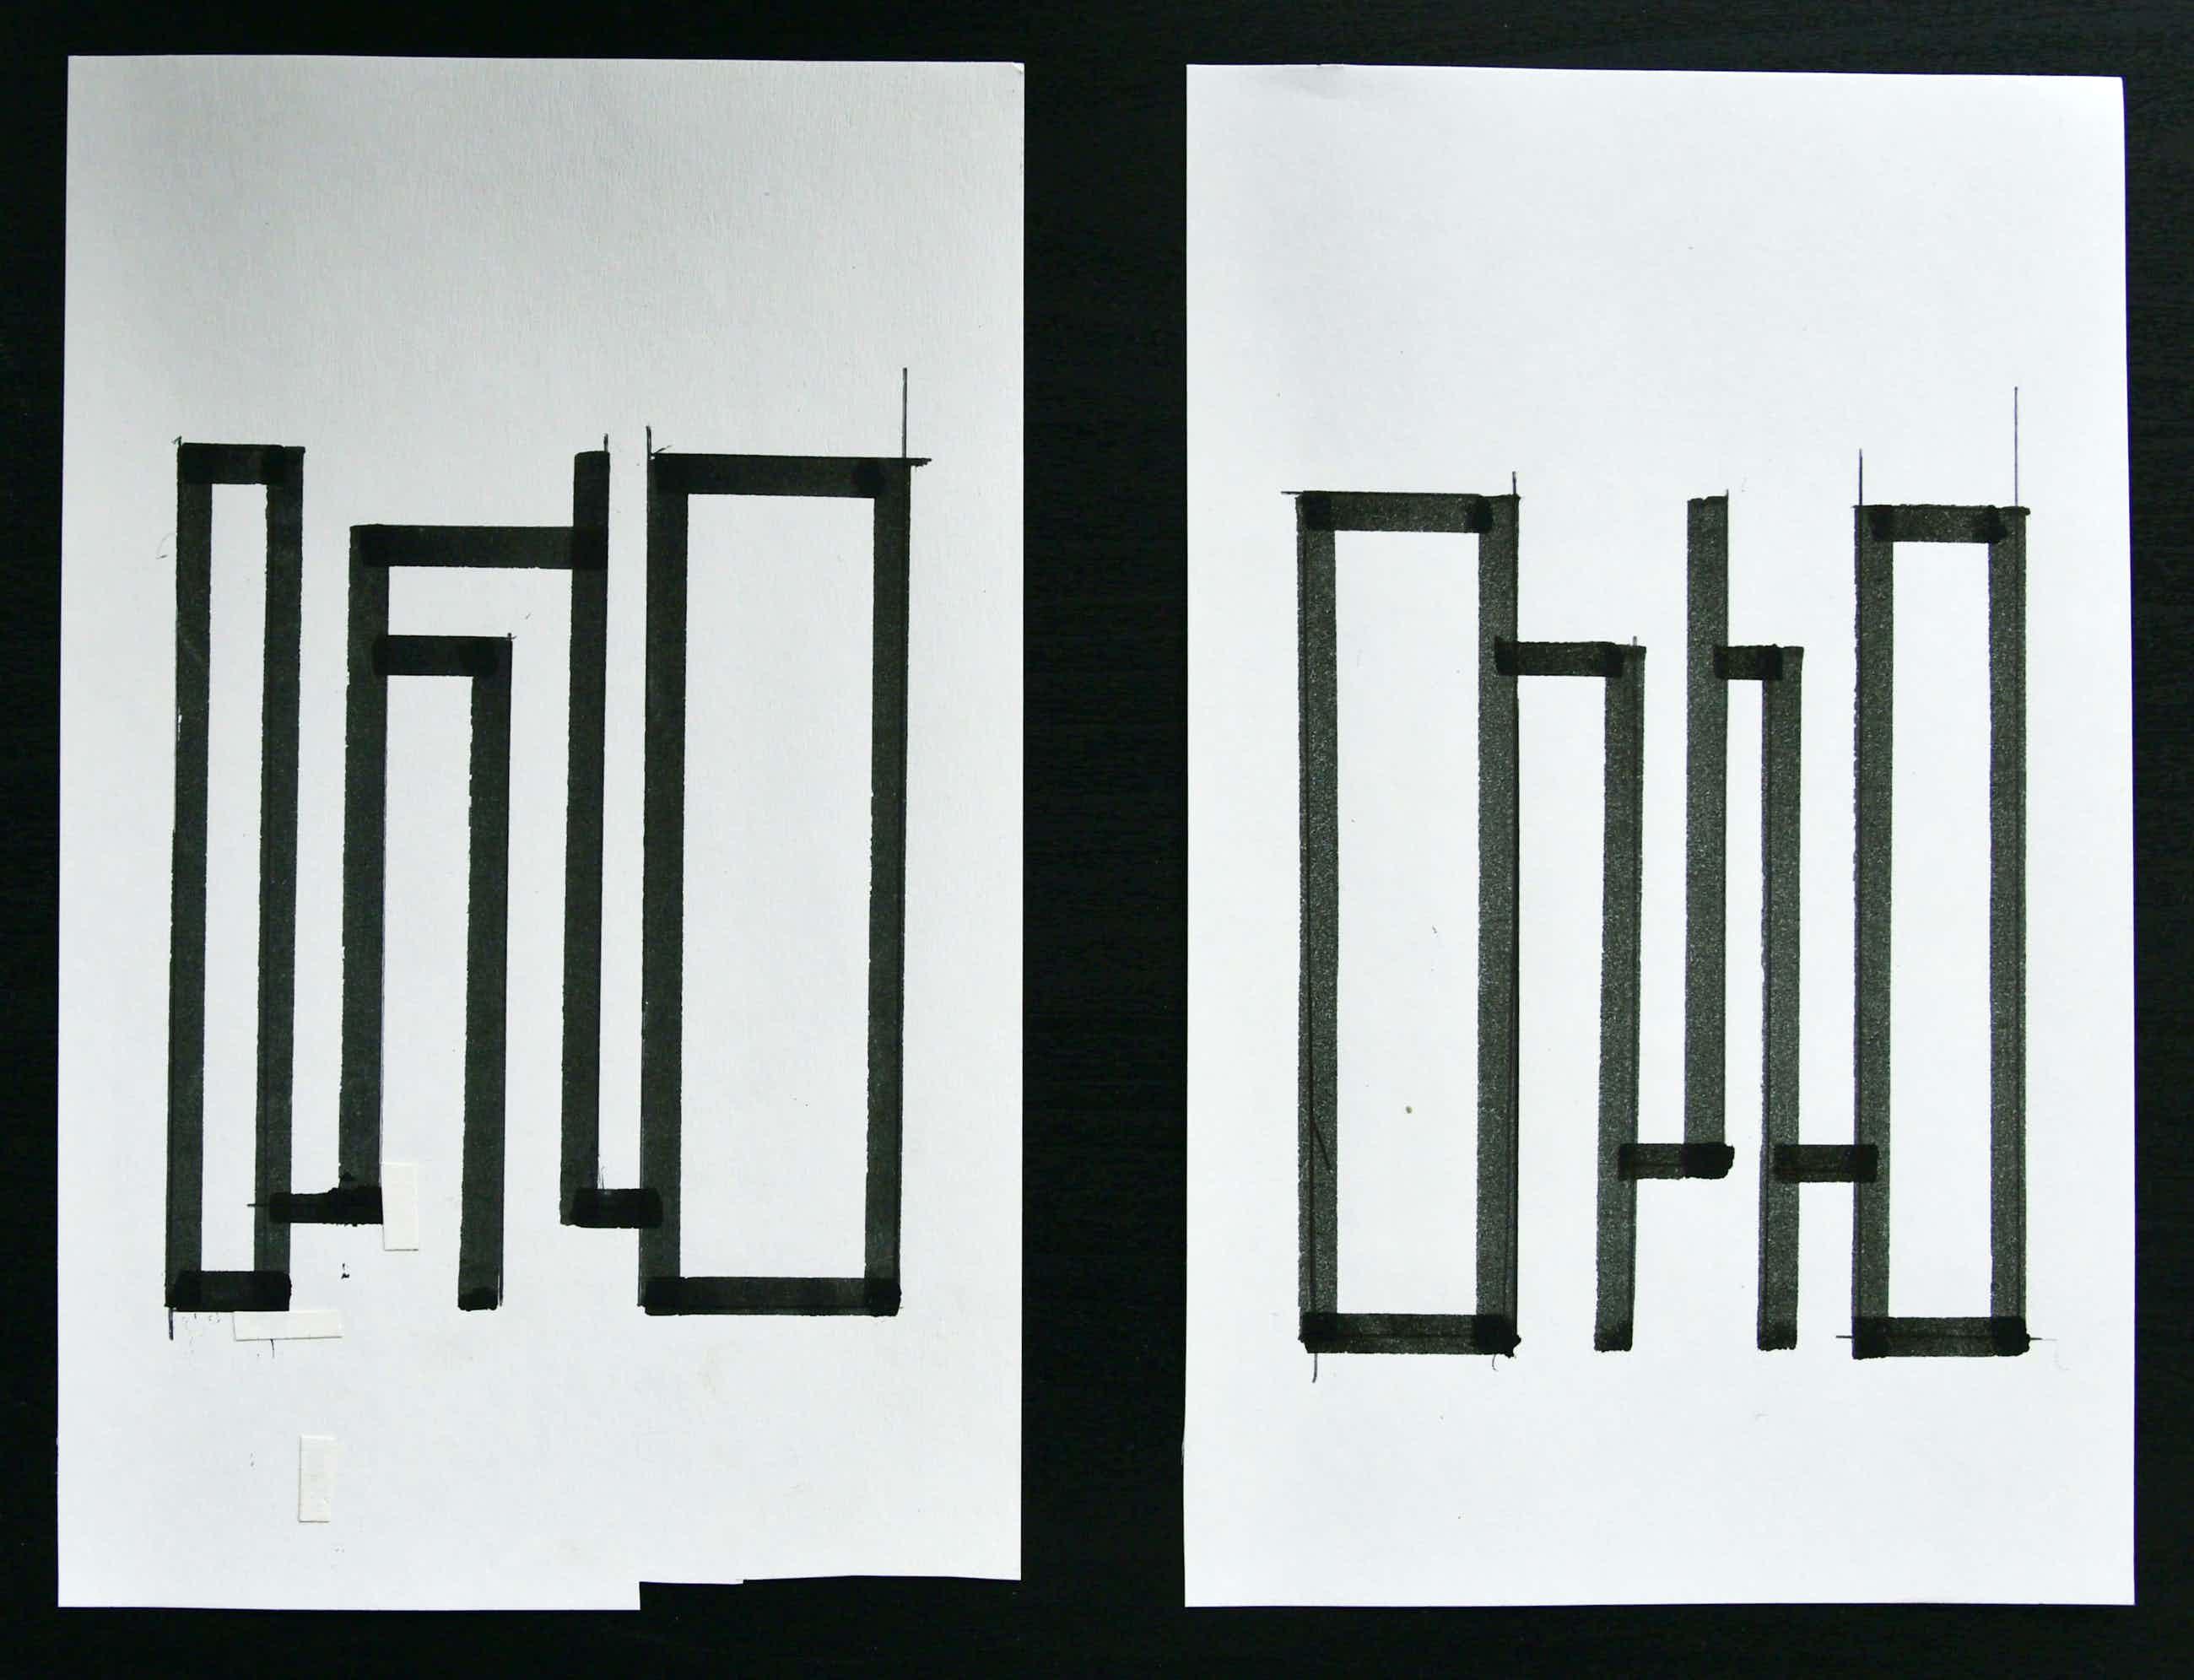 Siep van den Berg - SET 2 Pentekeningen# ABSTRACTE COMPOSITIES # potlood en inkt, 1990 kopen? Bied vanaf 48!